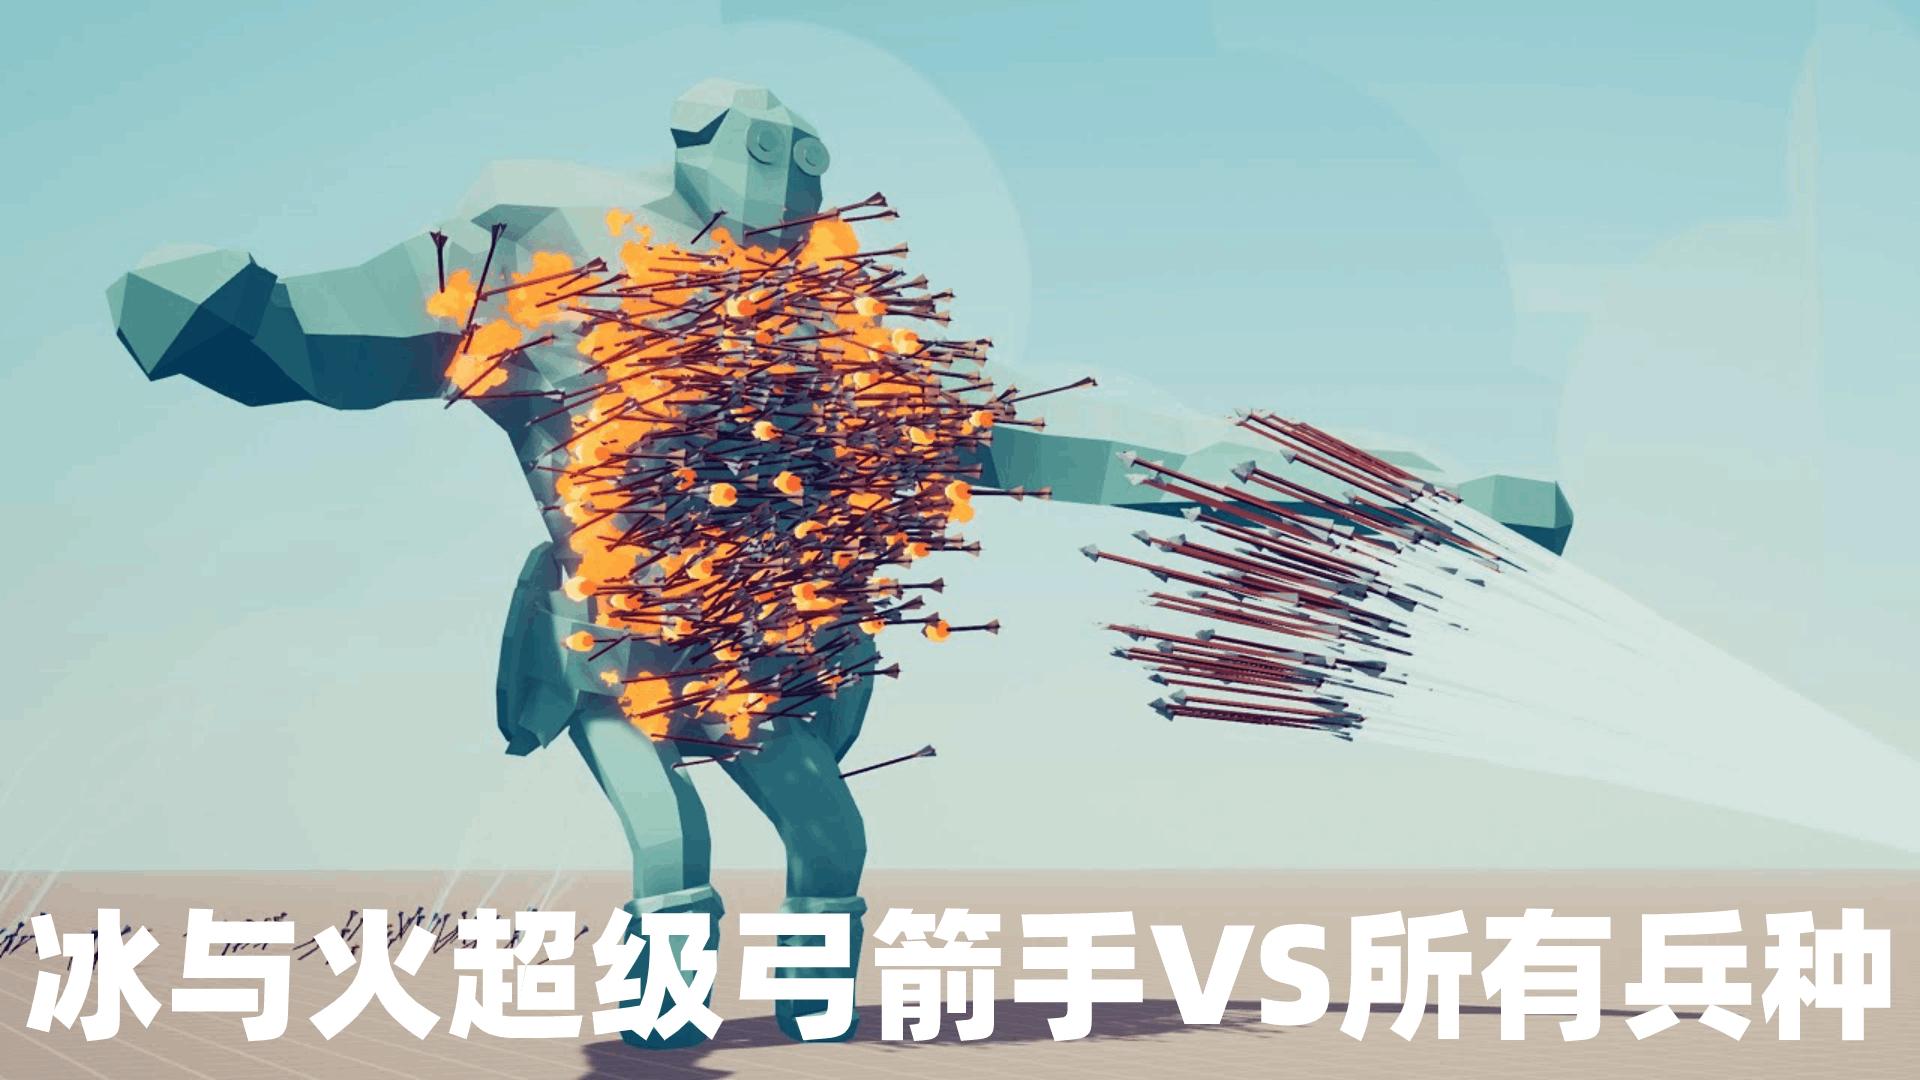 全面战争模拟器:超级冰火弓箭手VS所有兵种!